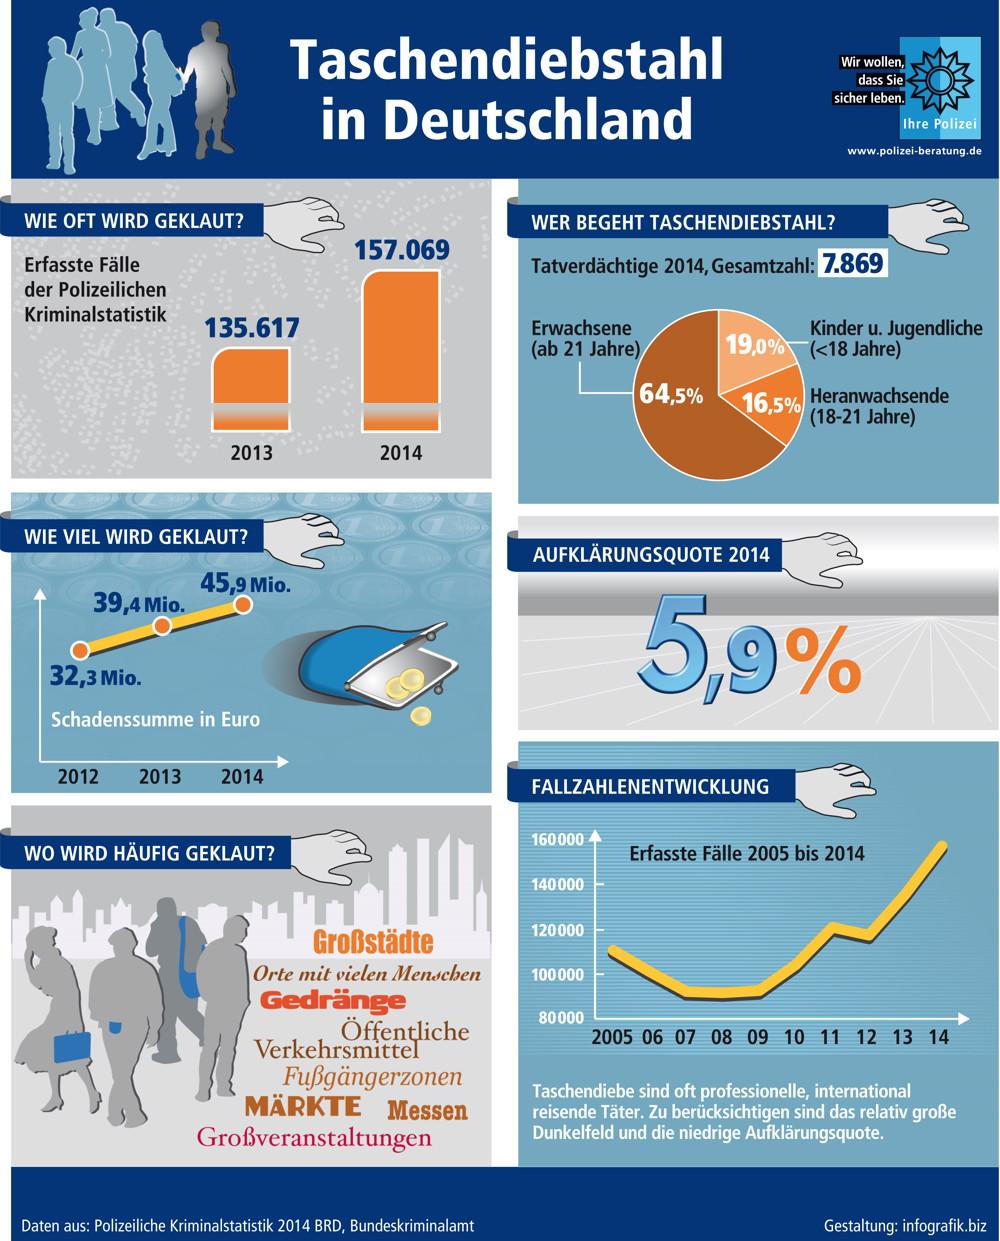 Quelle: Polizeiliche Kriminalprävention der Länder und des Bundes. Weitere Informationen unter www.polizei-beratung.de